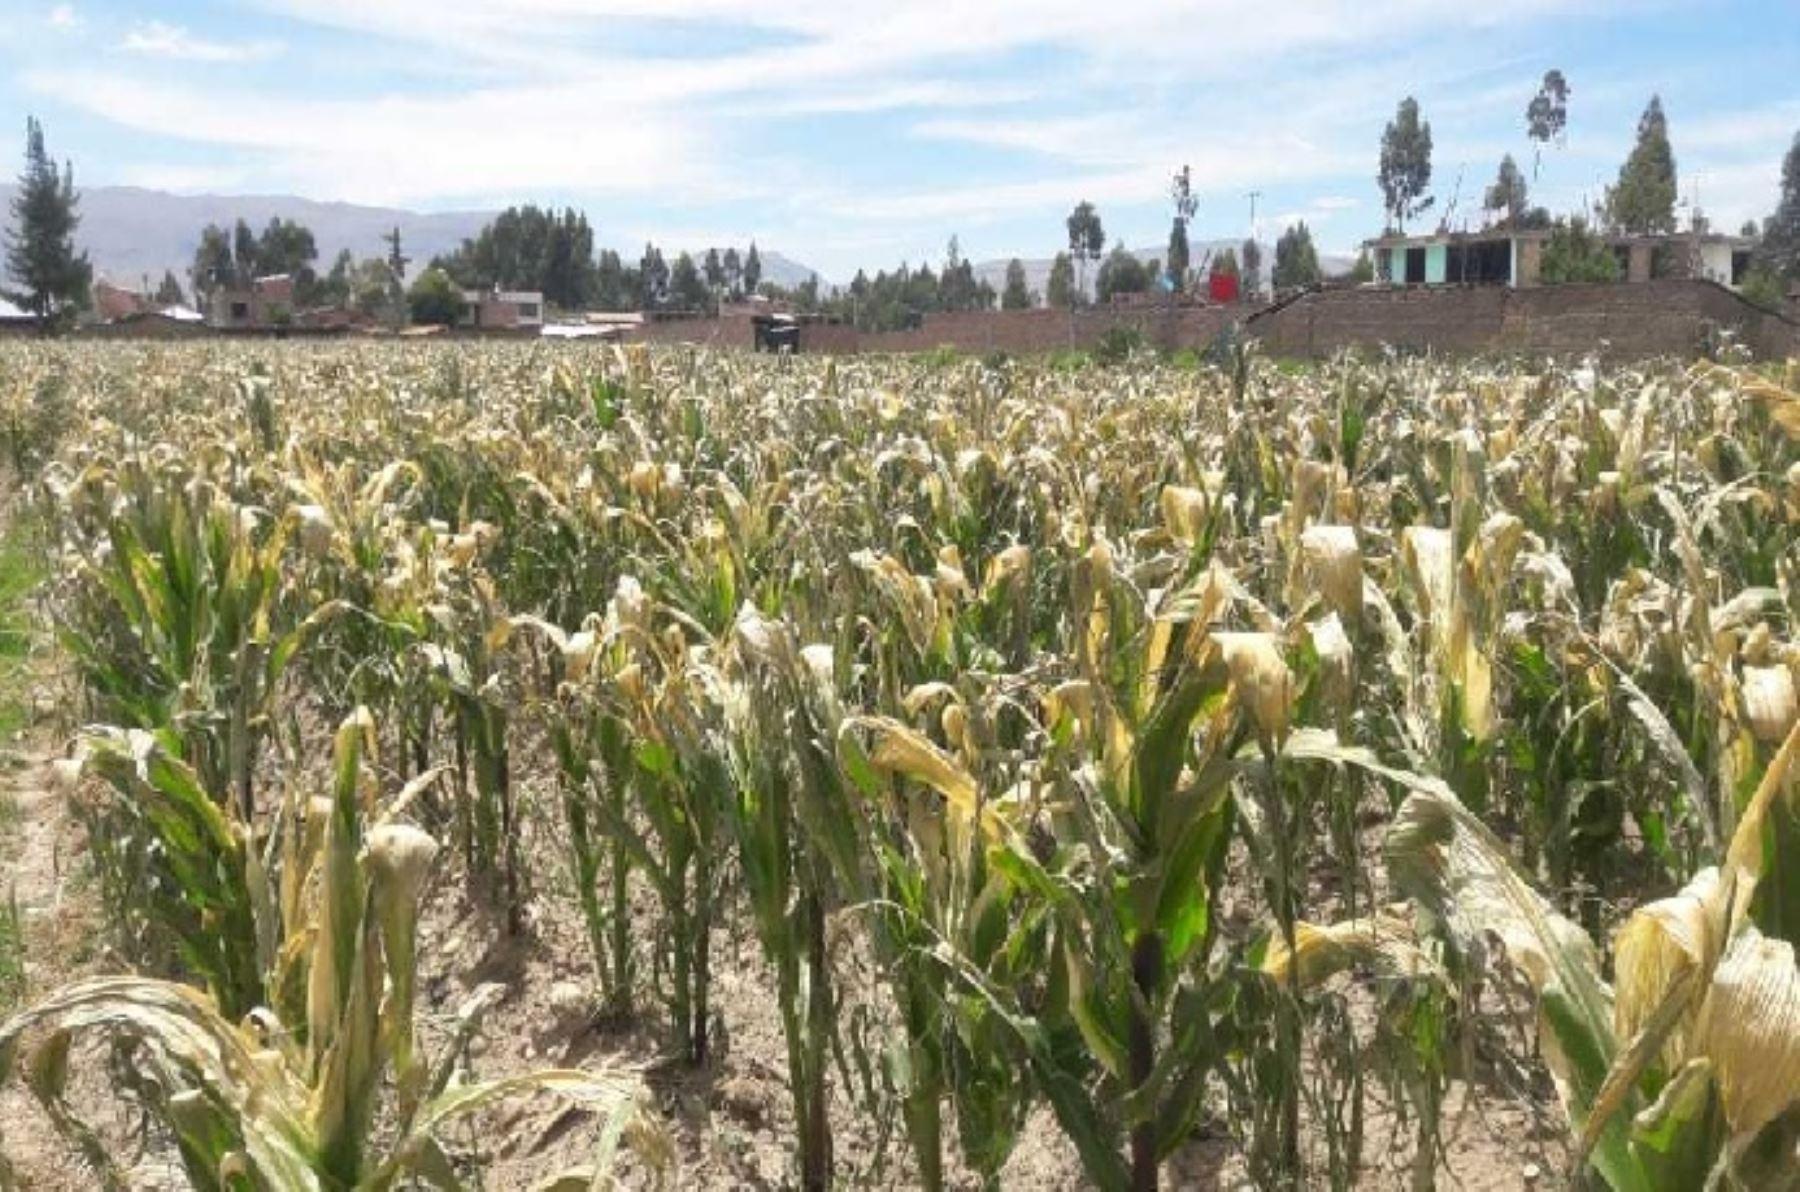 Una inusual nevada que se registró en los últimos días en la zona andina de la región Junín afectó más de 40,000 hectáreas de cultivos de panllevar, que se hallan en etapa de floración, sobre todo de maíz, choclo y papa.